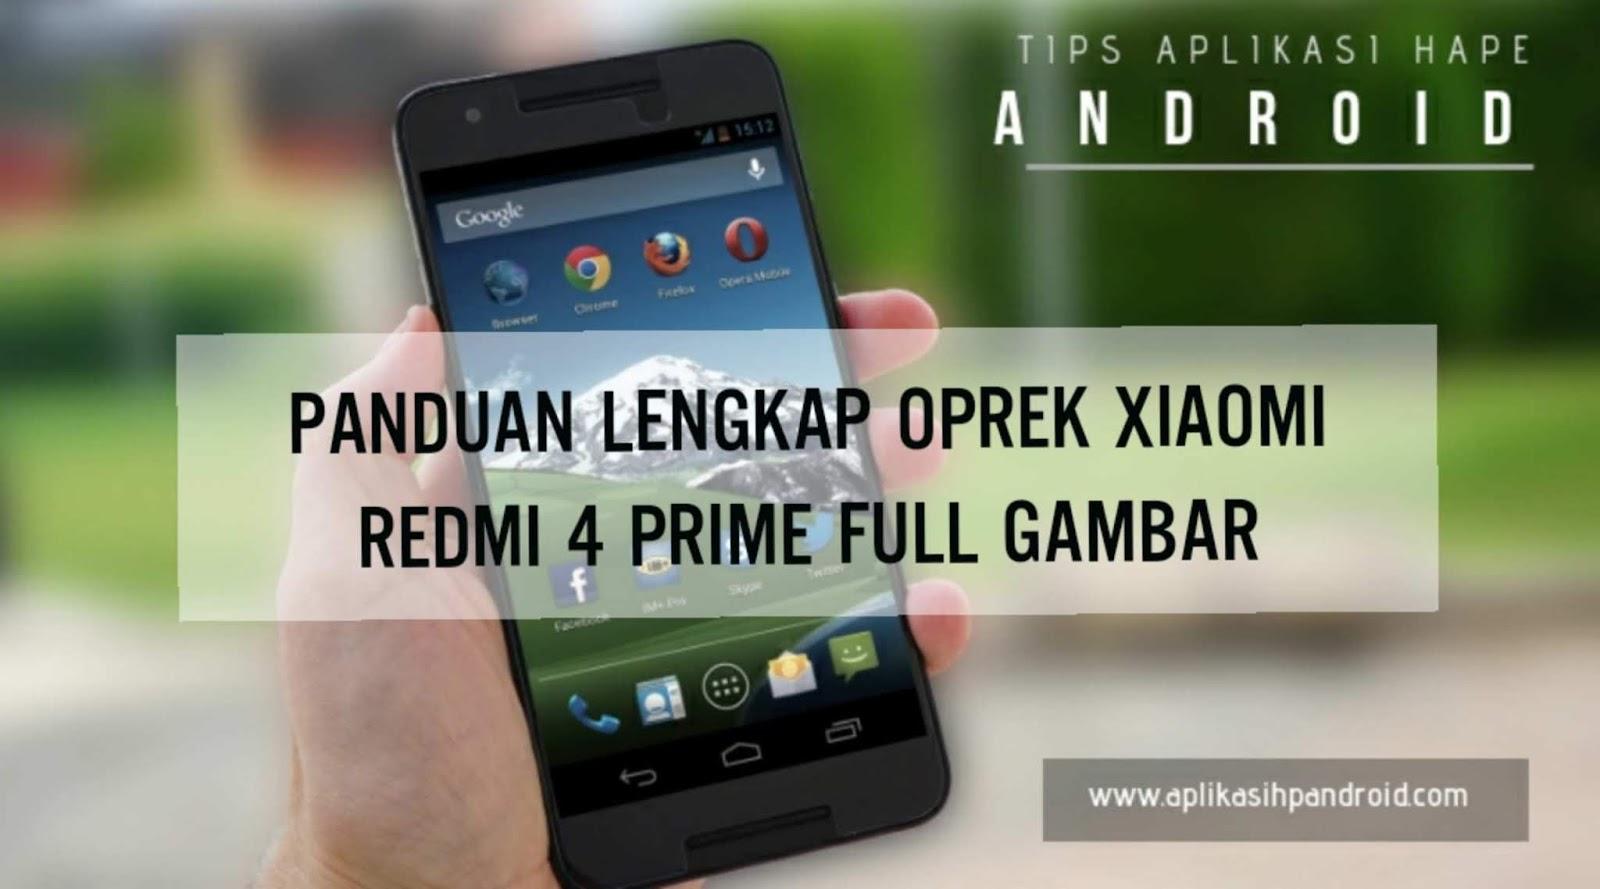 Panduan Lengkap Oprek Xiaomi Redmi 4 Prime Full Gambar